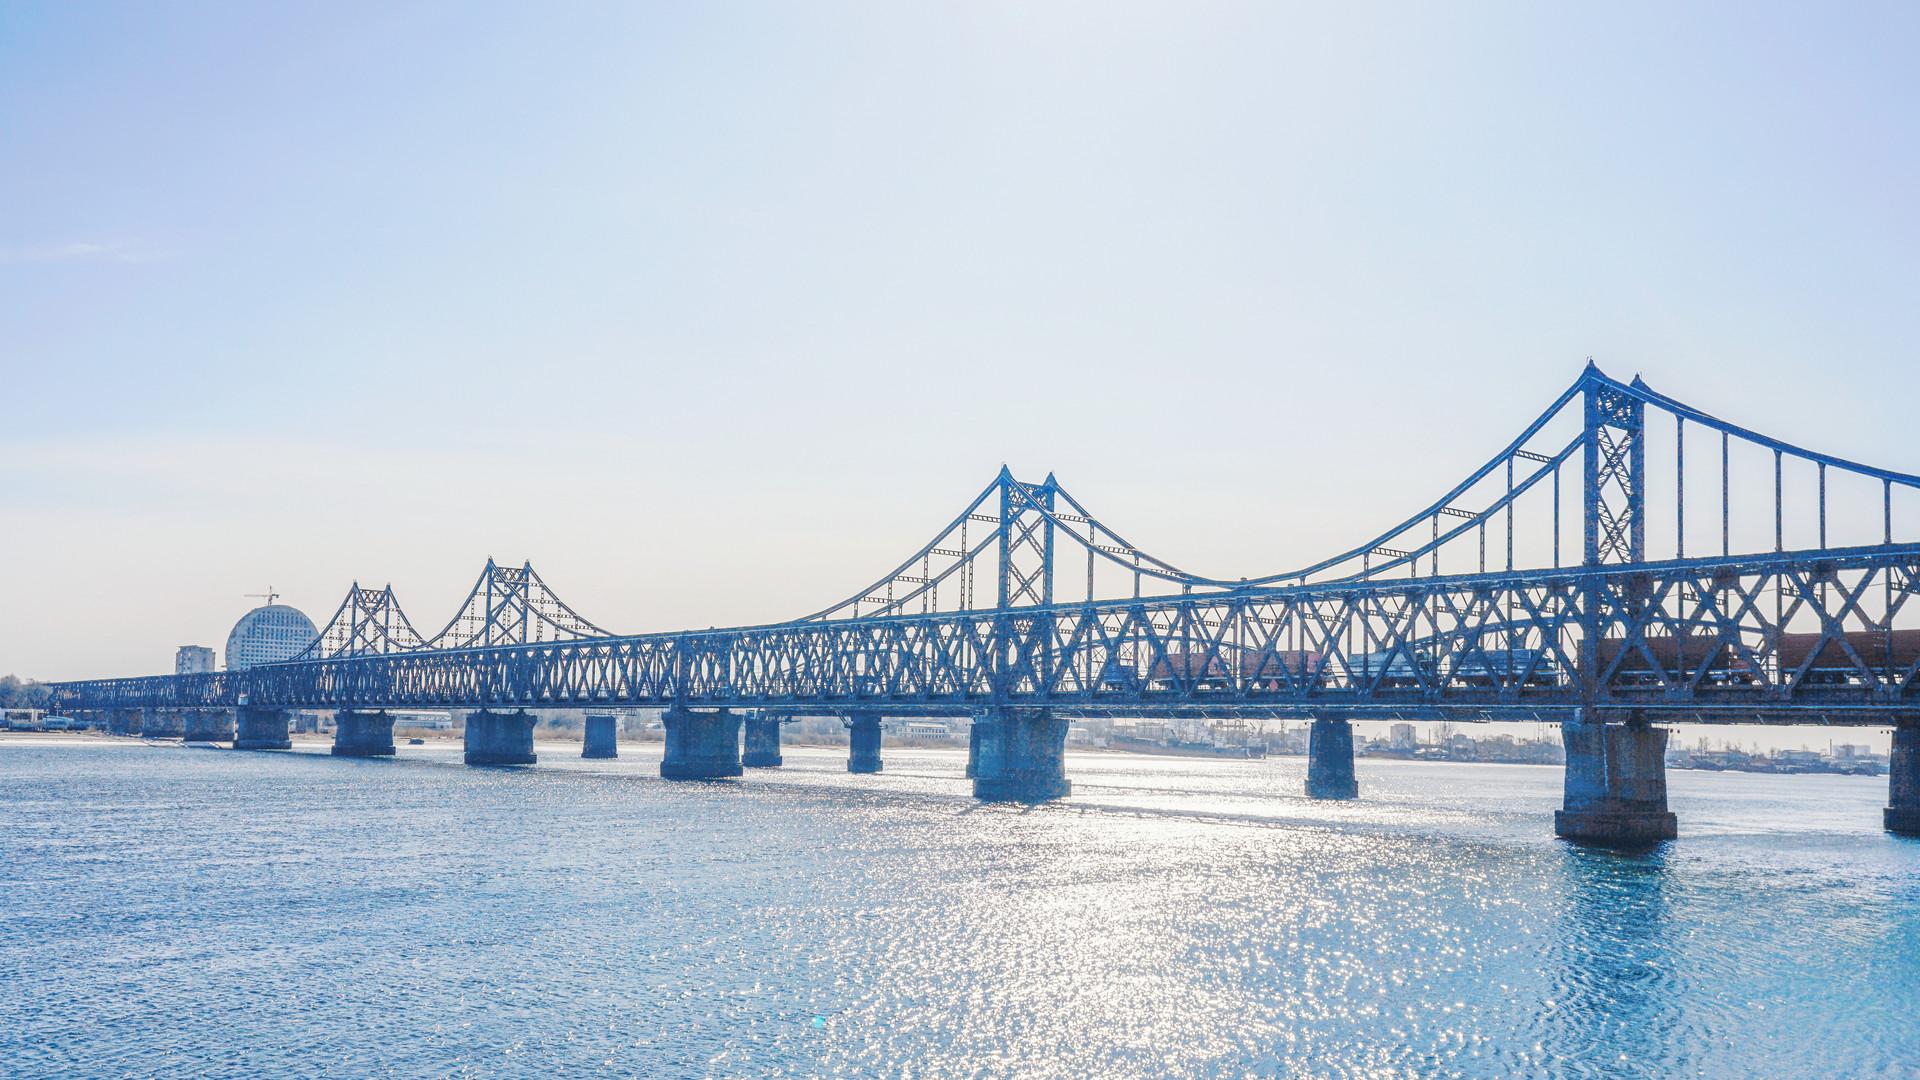 【沈阳+朝鲜】<沈阳故宫、鸭绿江断桥、游船、朝鲜平壤、开城、三八线>双飞六天团>